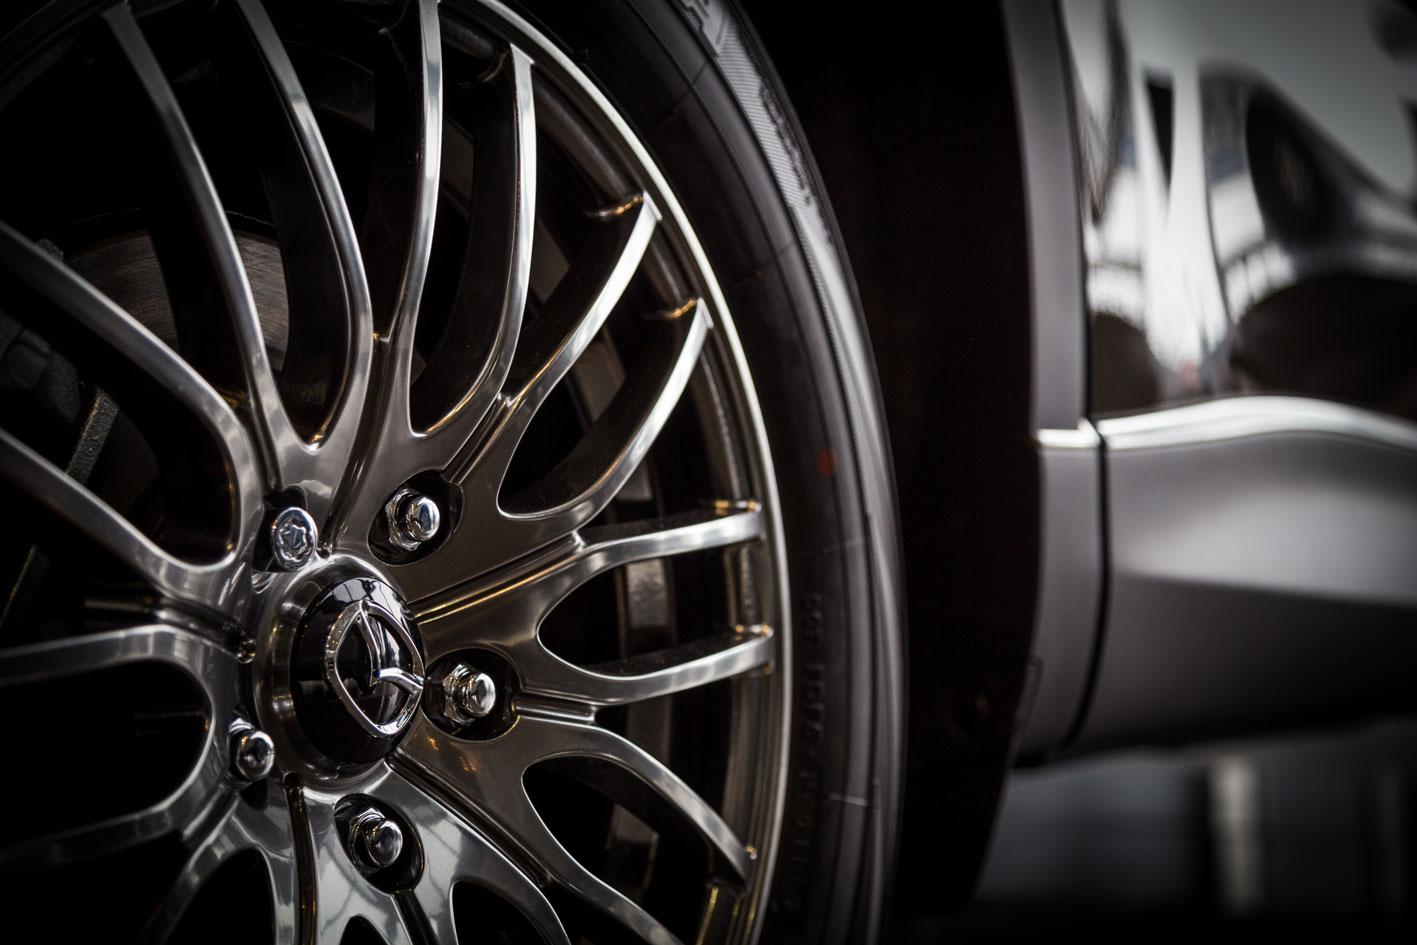 Mazda rim